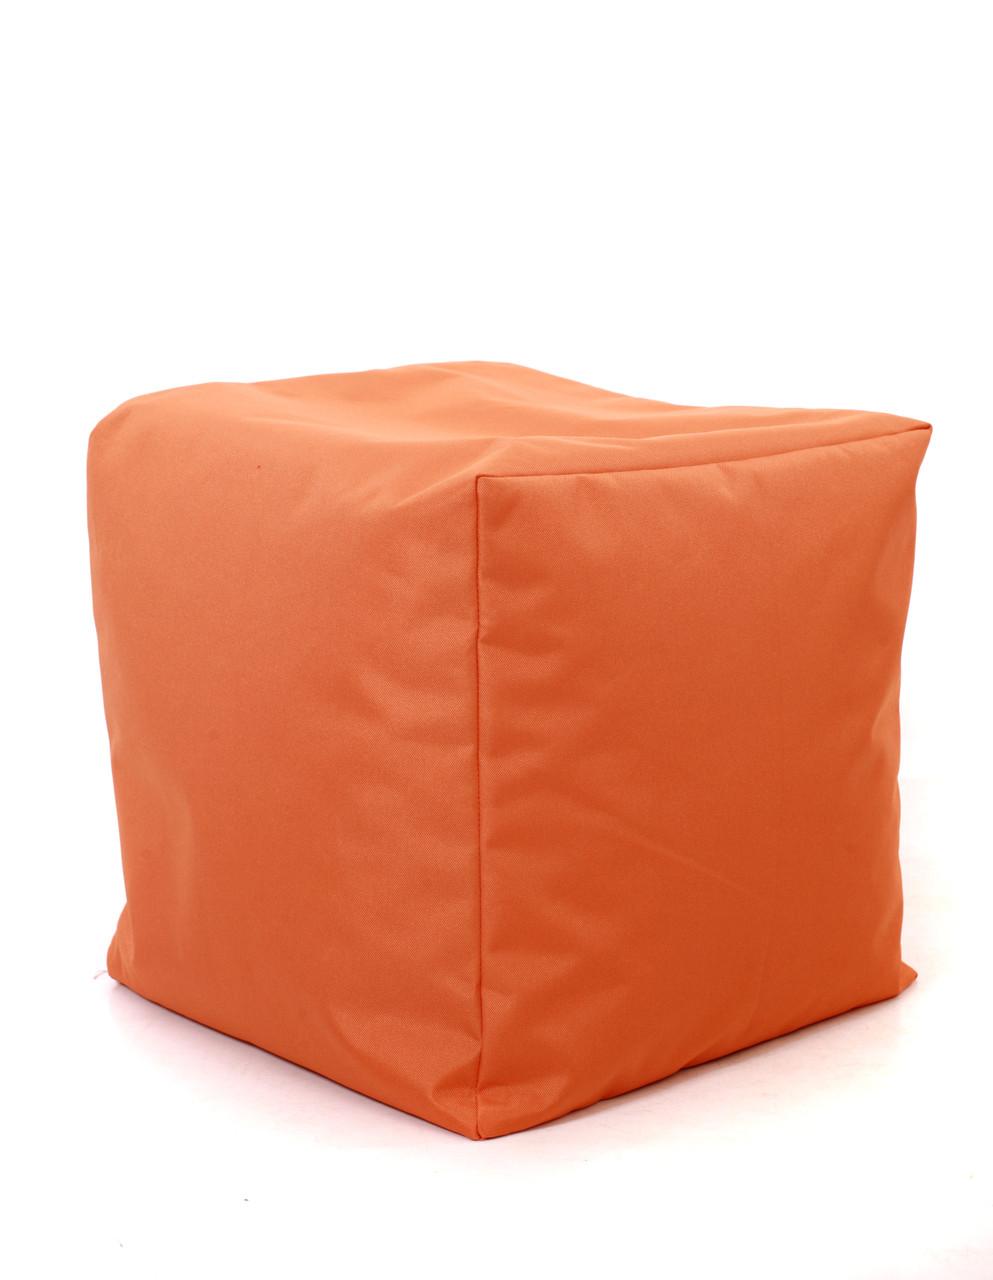 Пуф куб Оксфорд 40х40х40 см, оранжевый